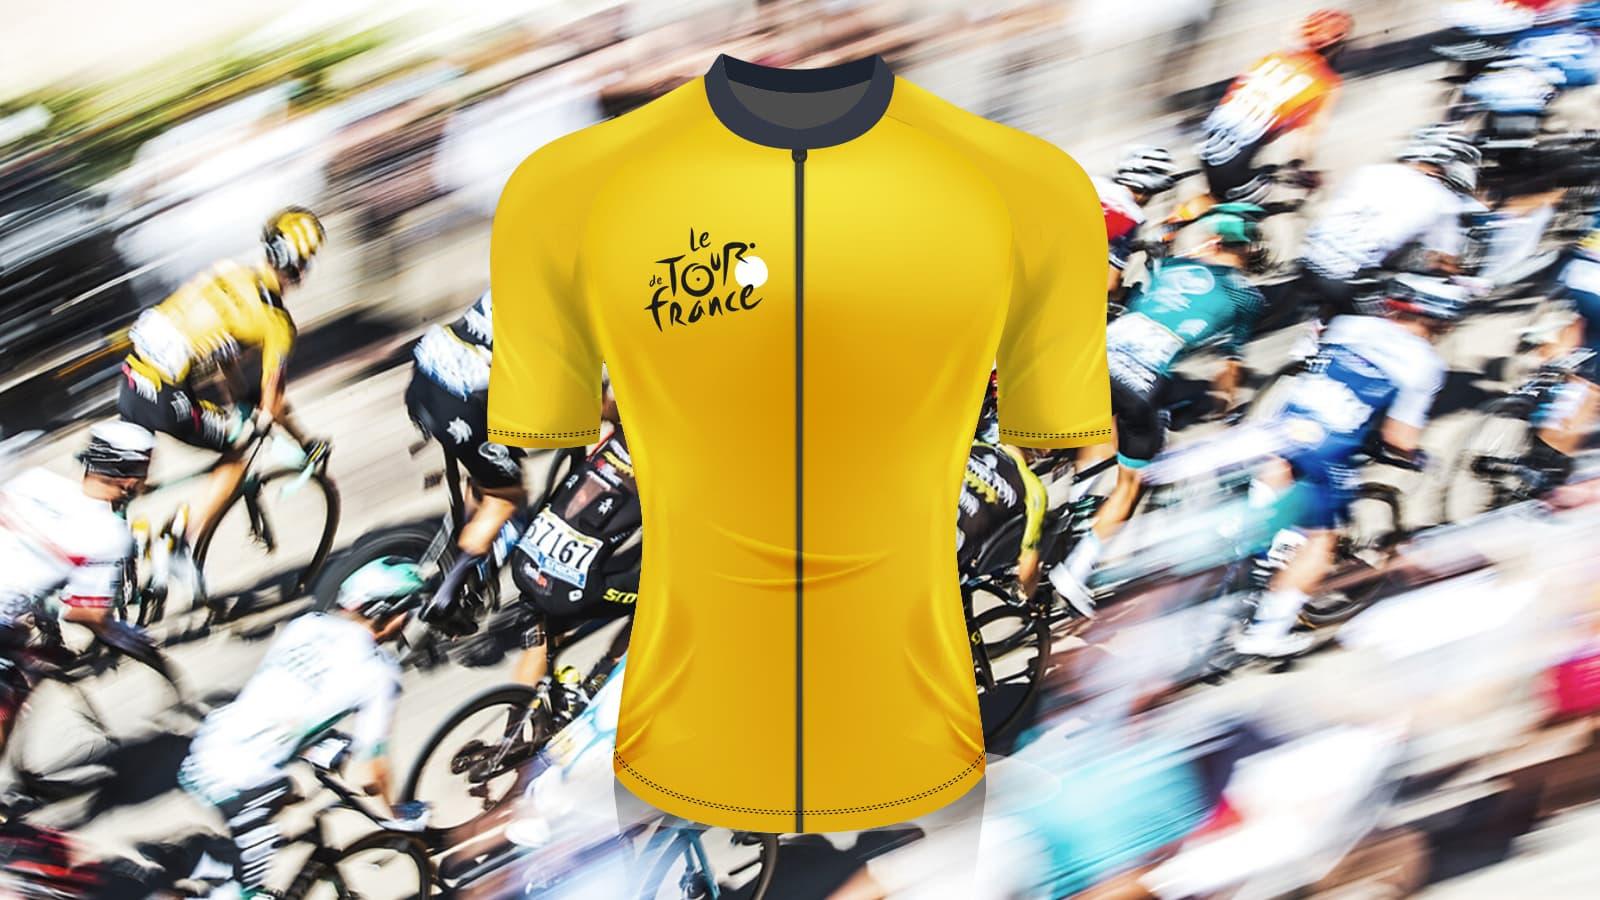 Polak w koszulce lidera podczas Tour de France. To nie sen, to jawa - historia Lecha Piaseckiego